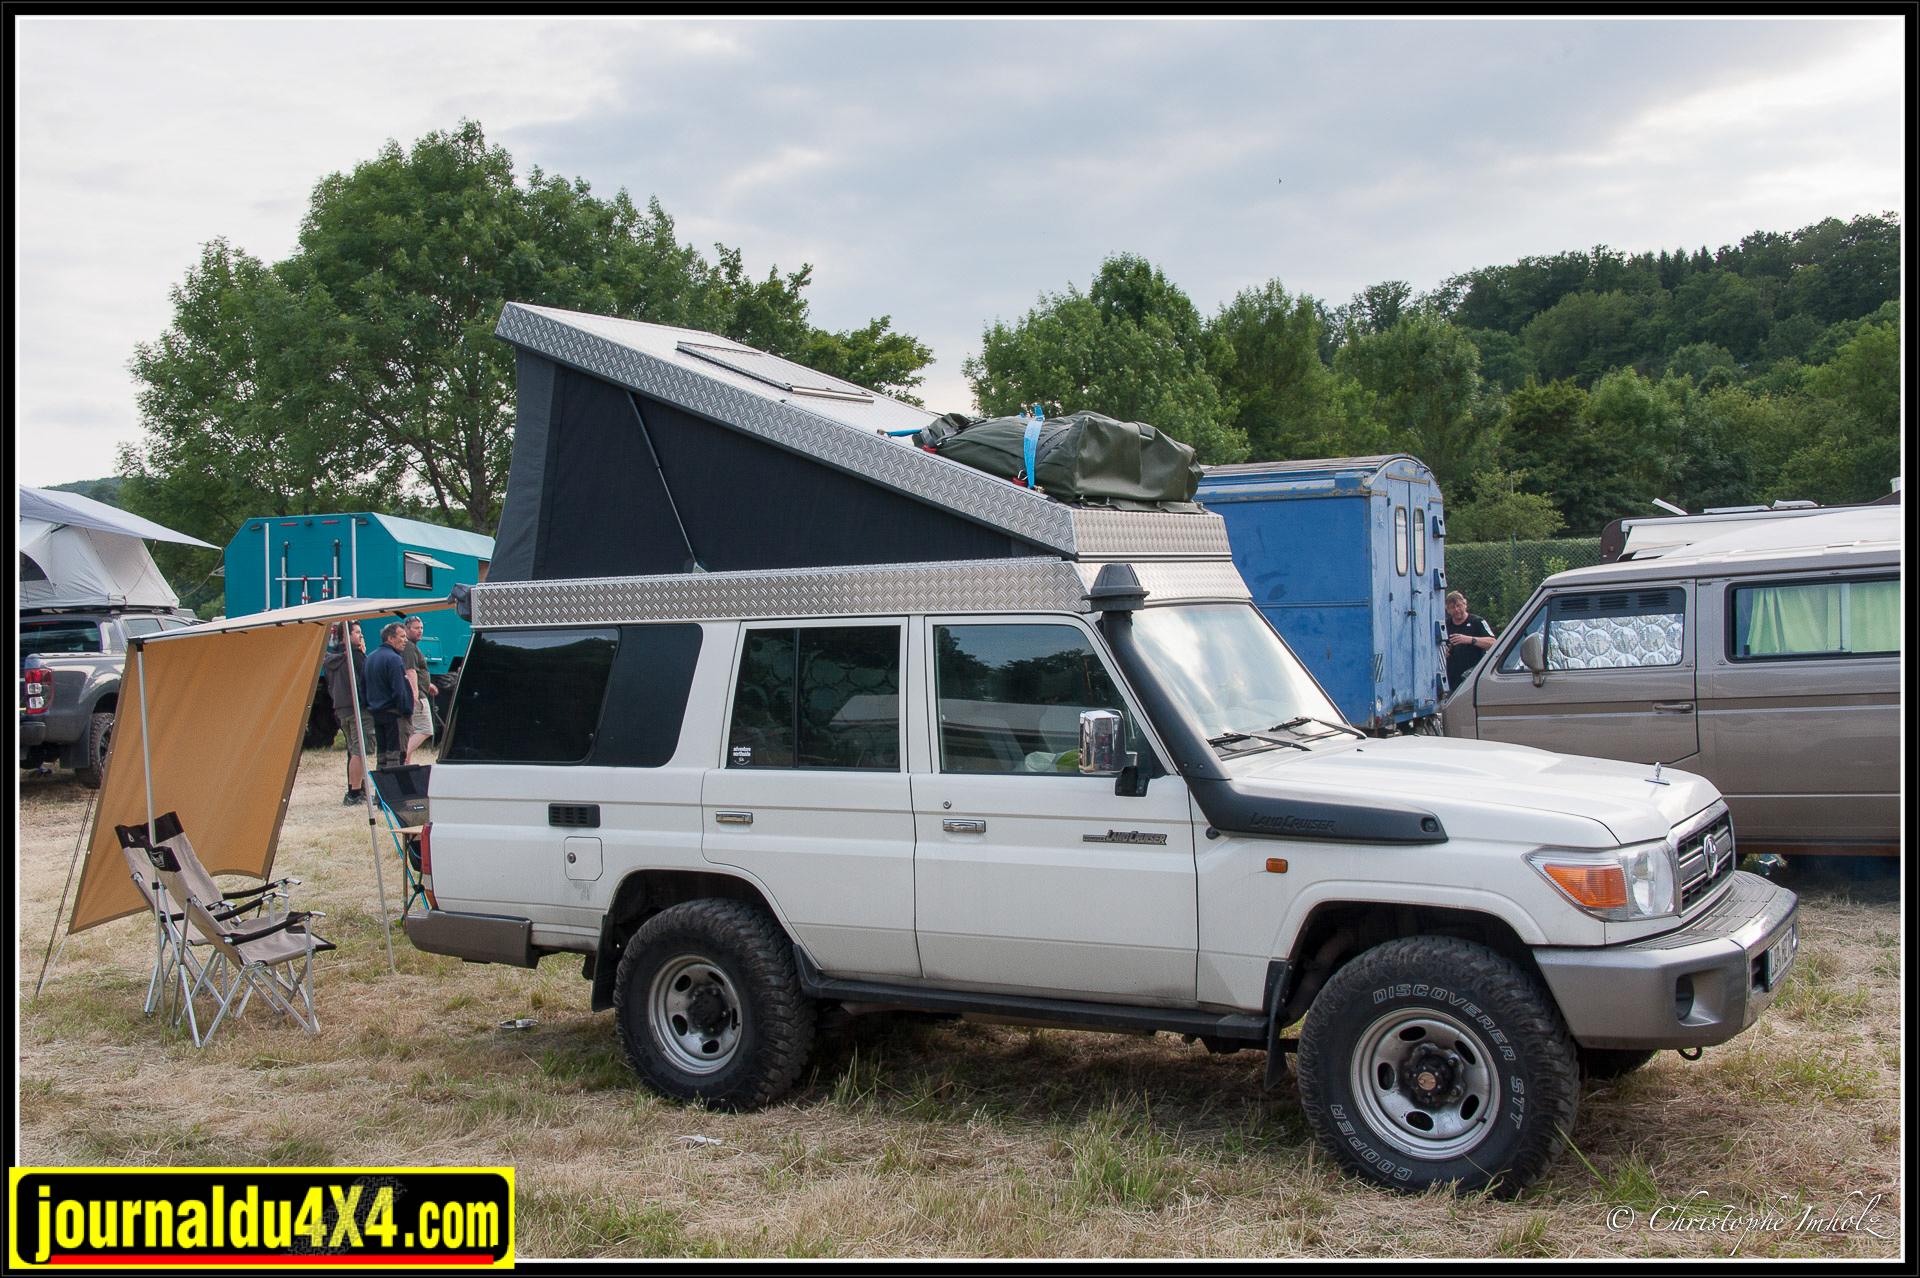 Toyota HZJ76 rallongé à toit relevable